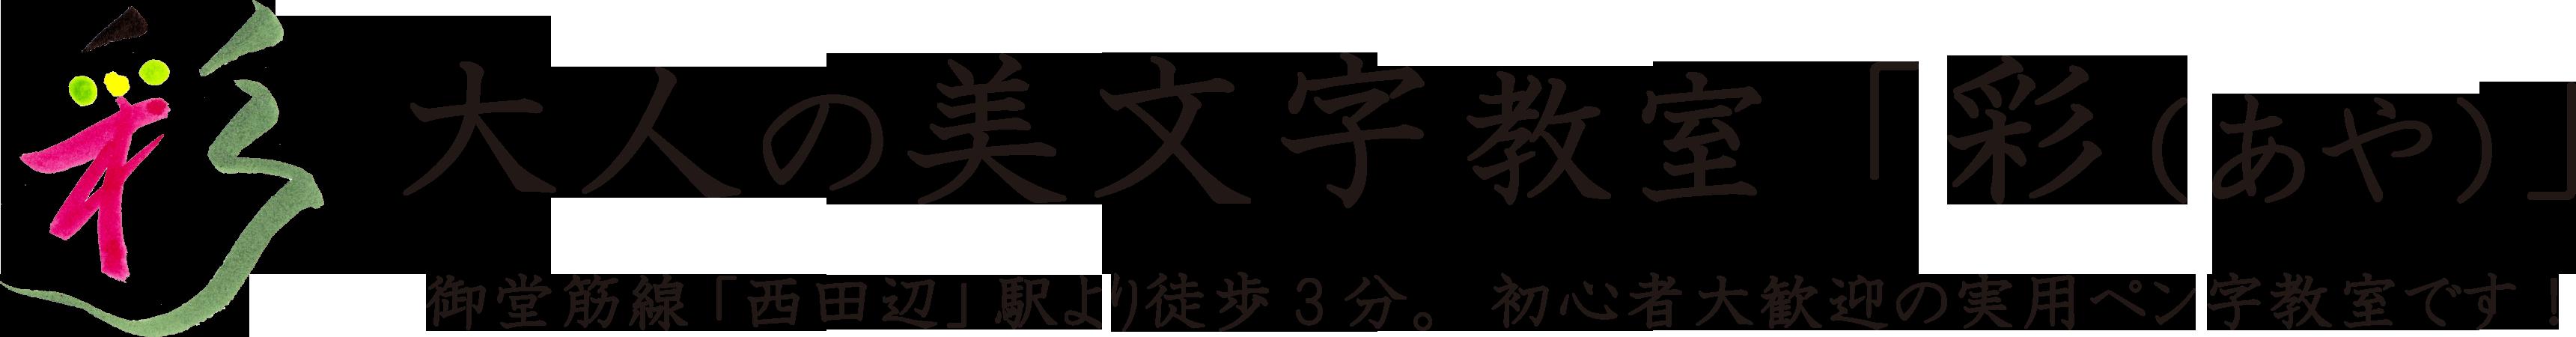 大人の美文字教室「彩(あや)」